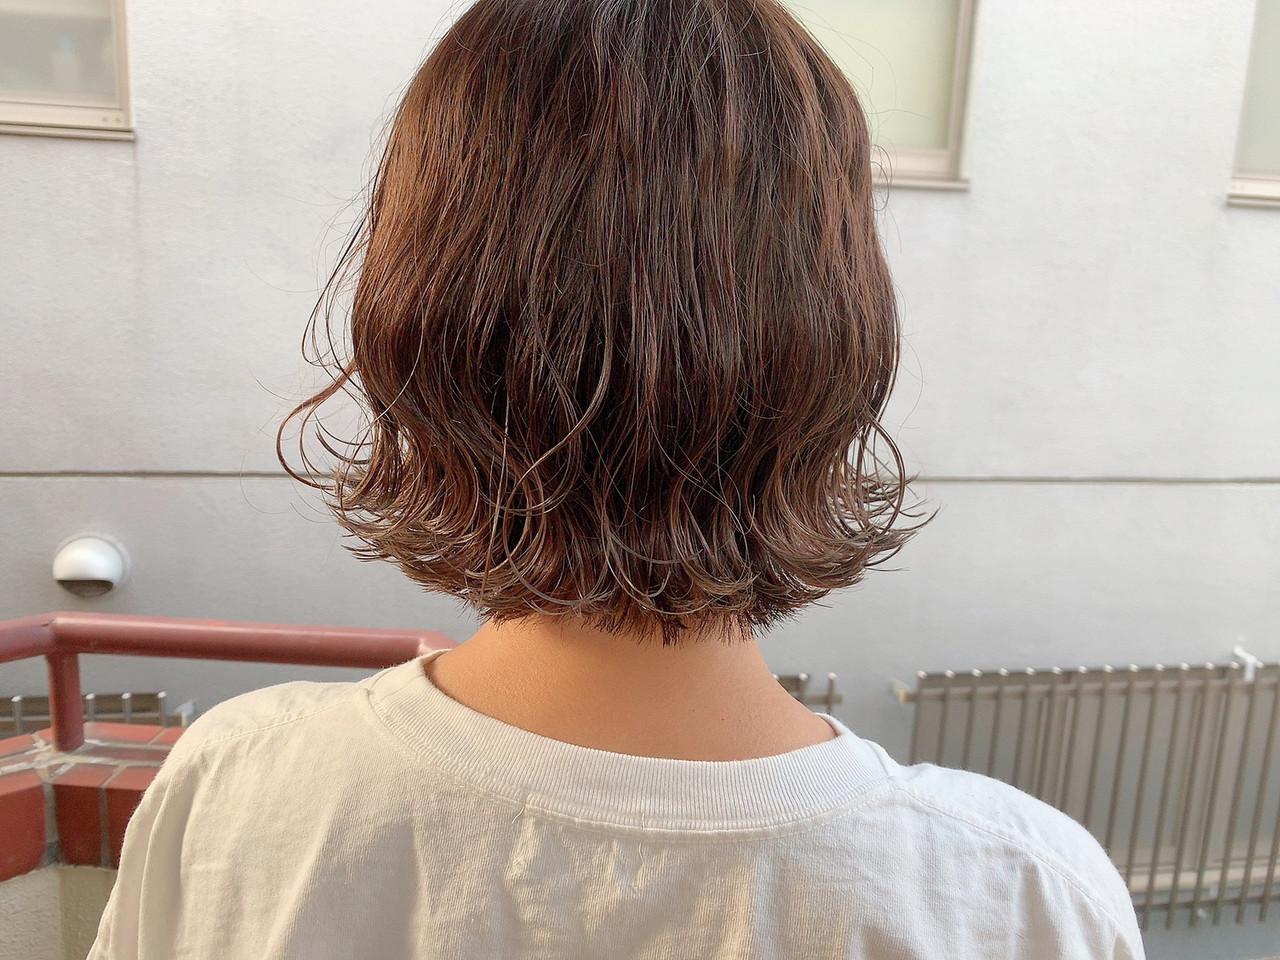 ナチュラル ミニボブ 切りっぱなしボブ アッシュベージュ ヘアスタイルや髪型の写真・画像